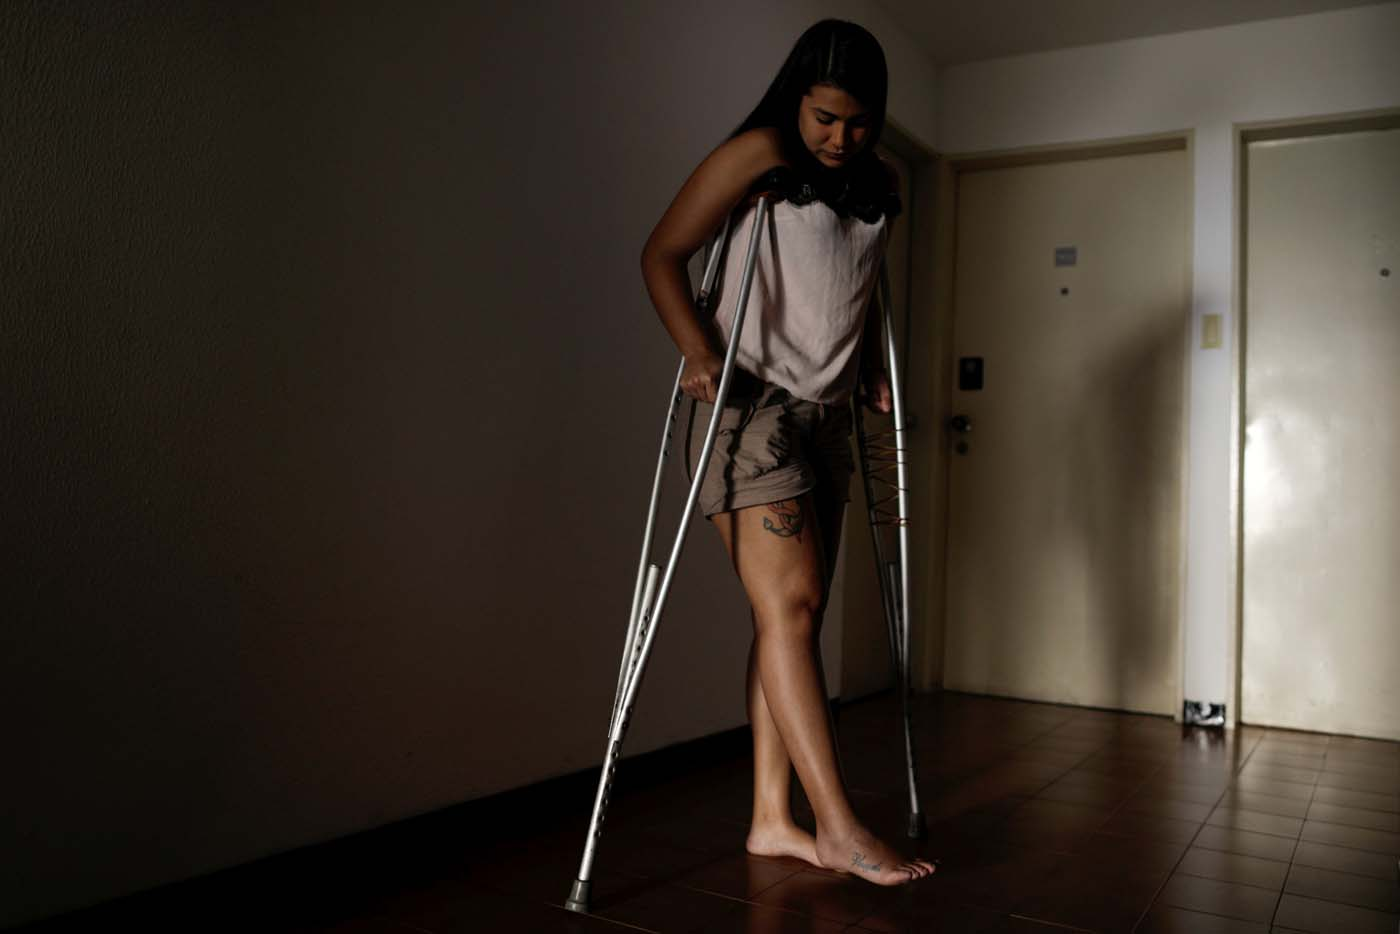 Najhud Najhla Colina, de 23 años, fue atropellada por un vehículo de antidisturbios y detenida en Caracas. UESLEI MARCELINO/REUTERS